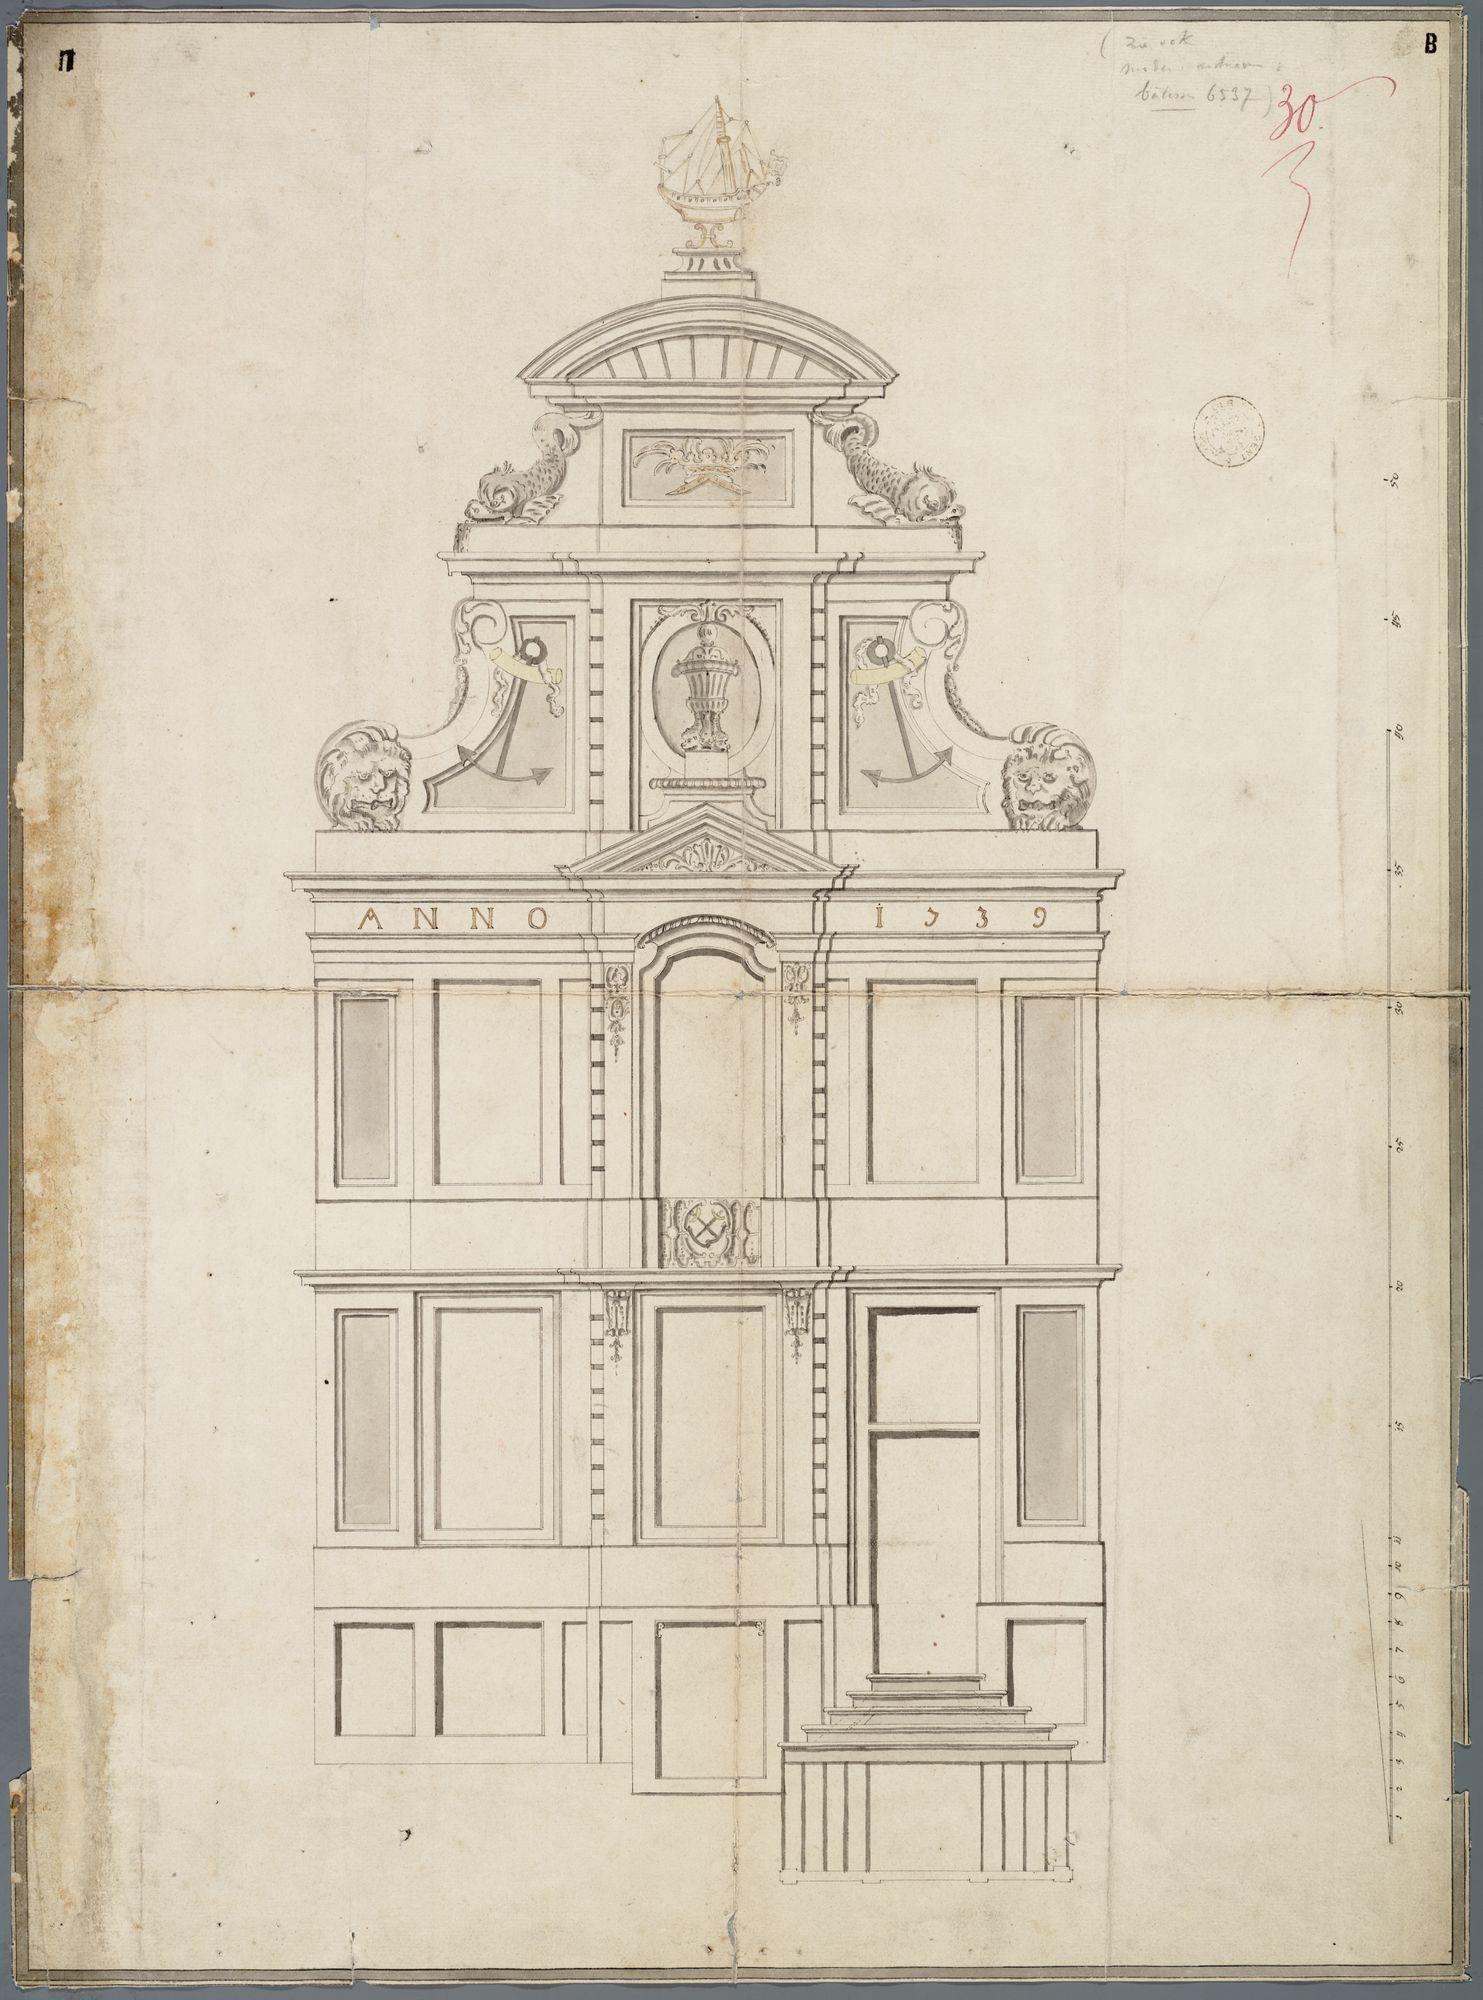 Gent: Korenlei, 1740: opstand gevel